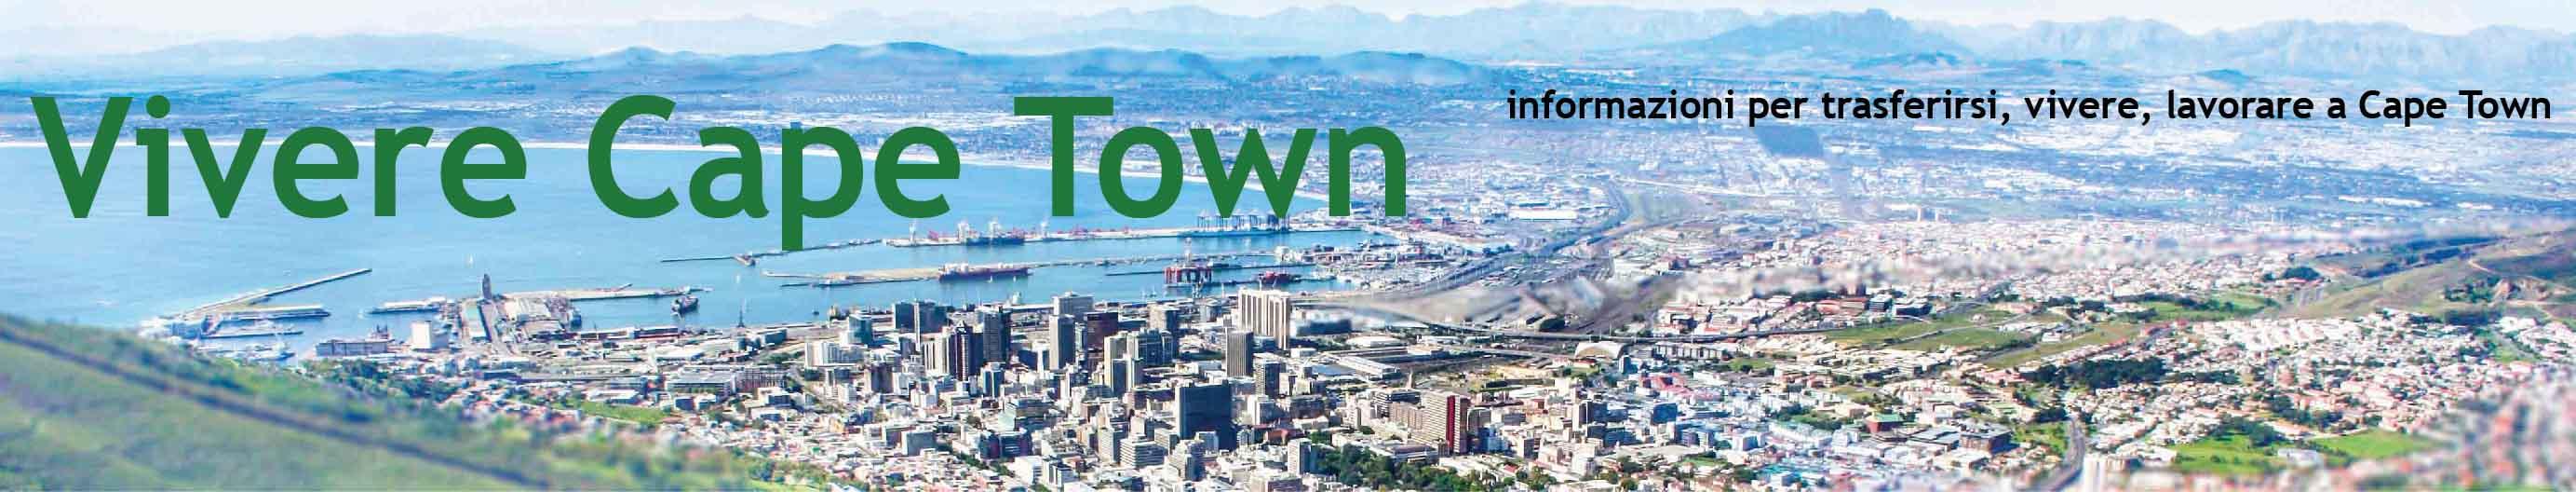 Vivere Cape Town